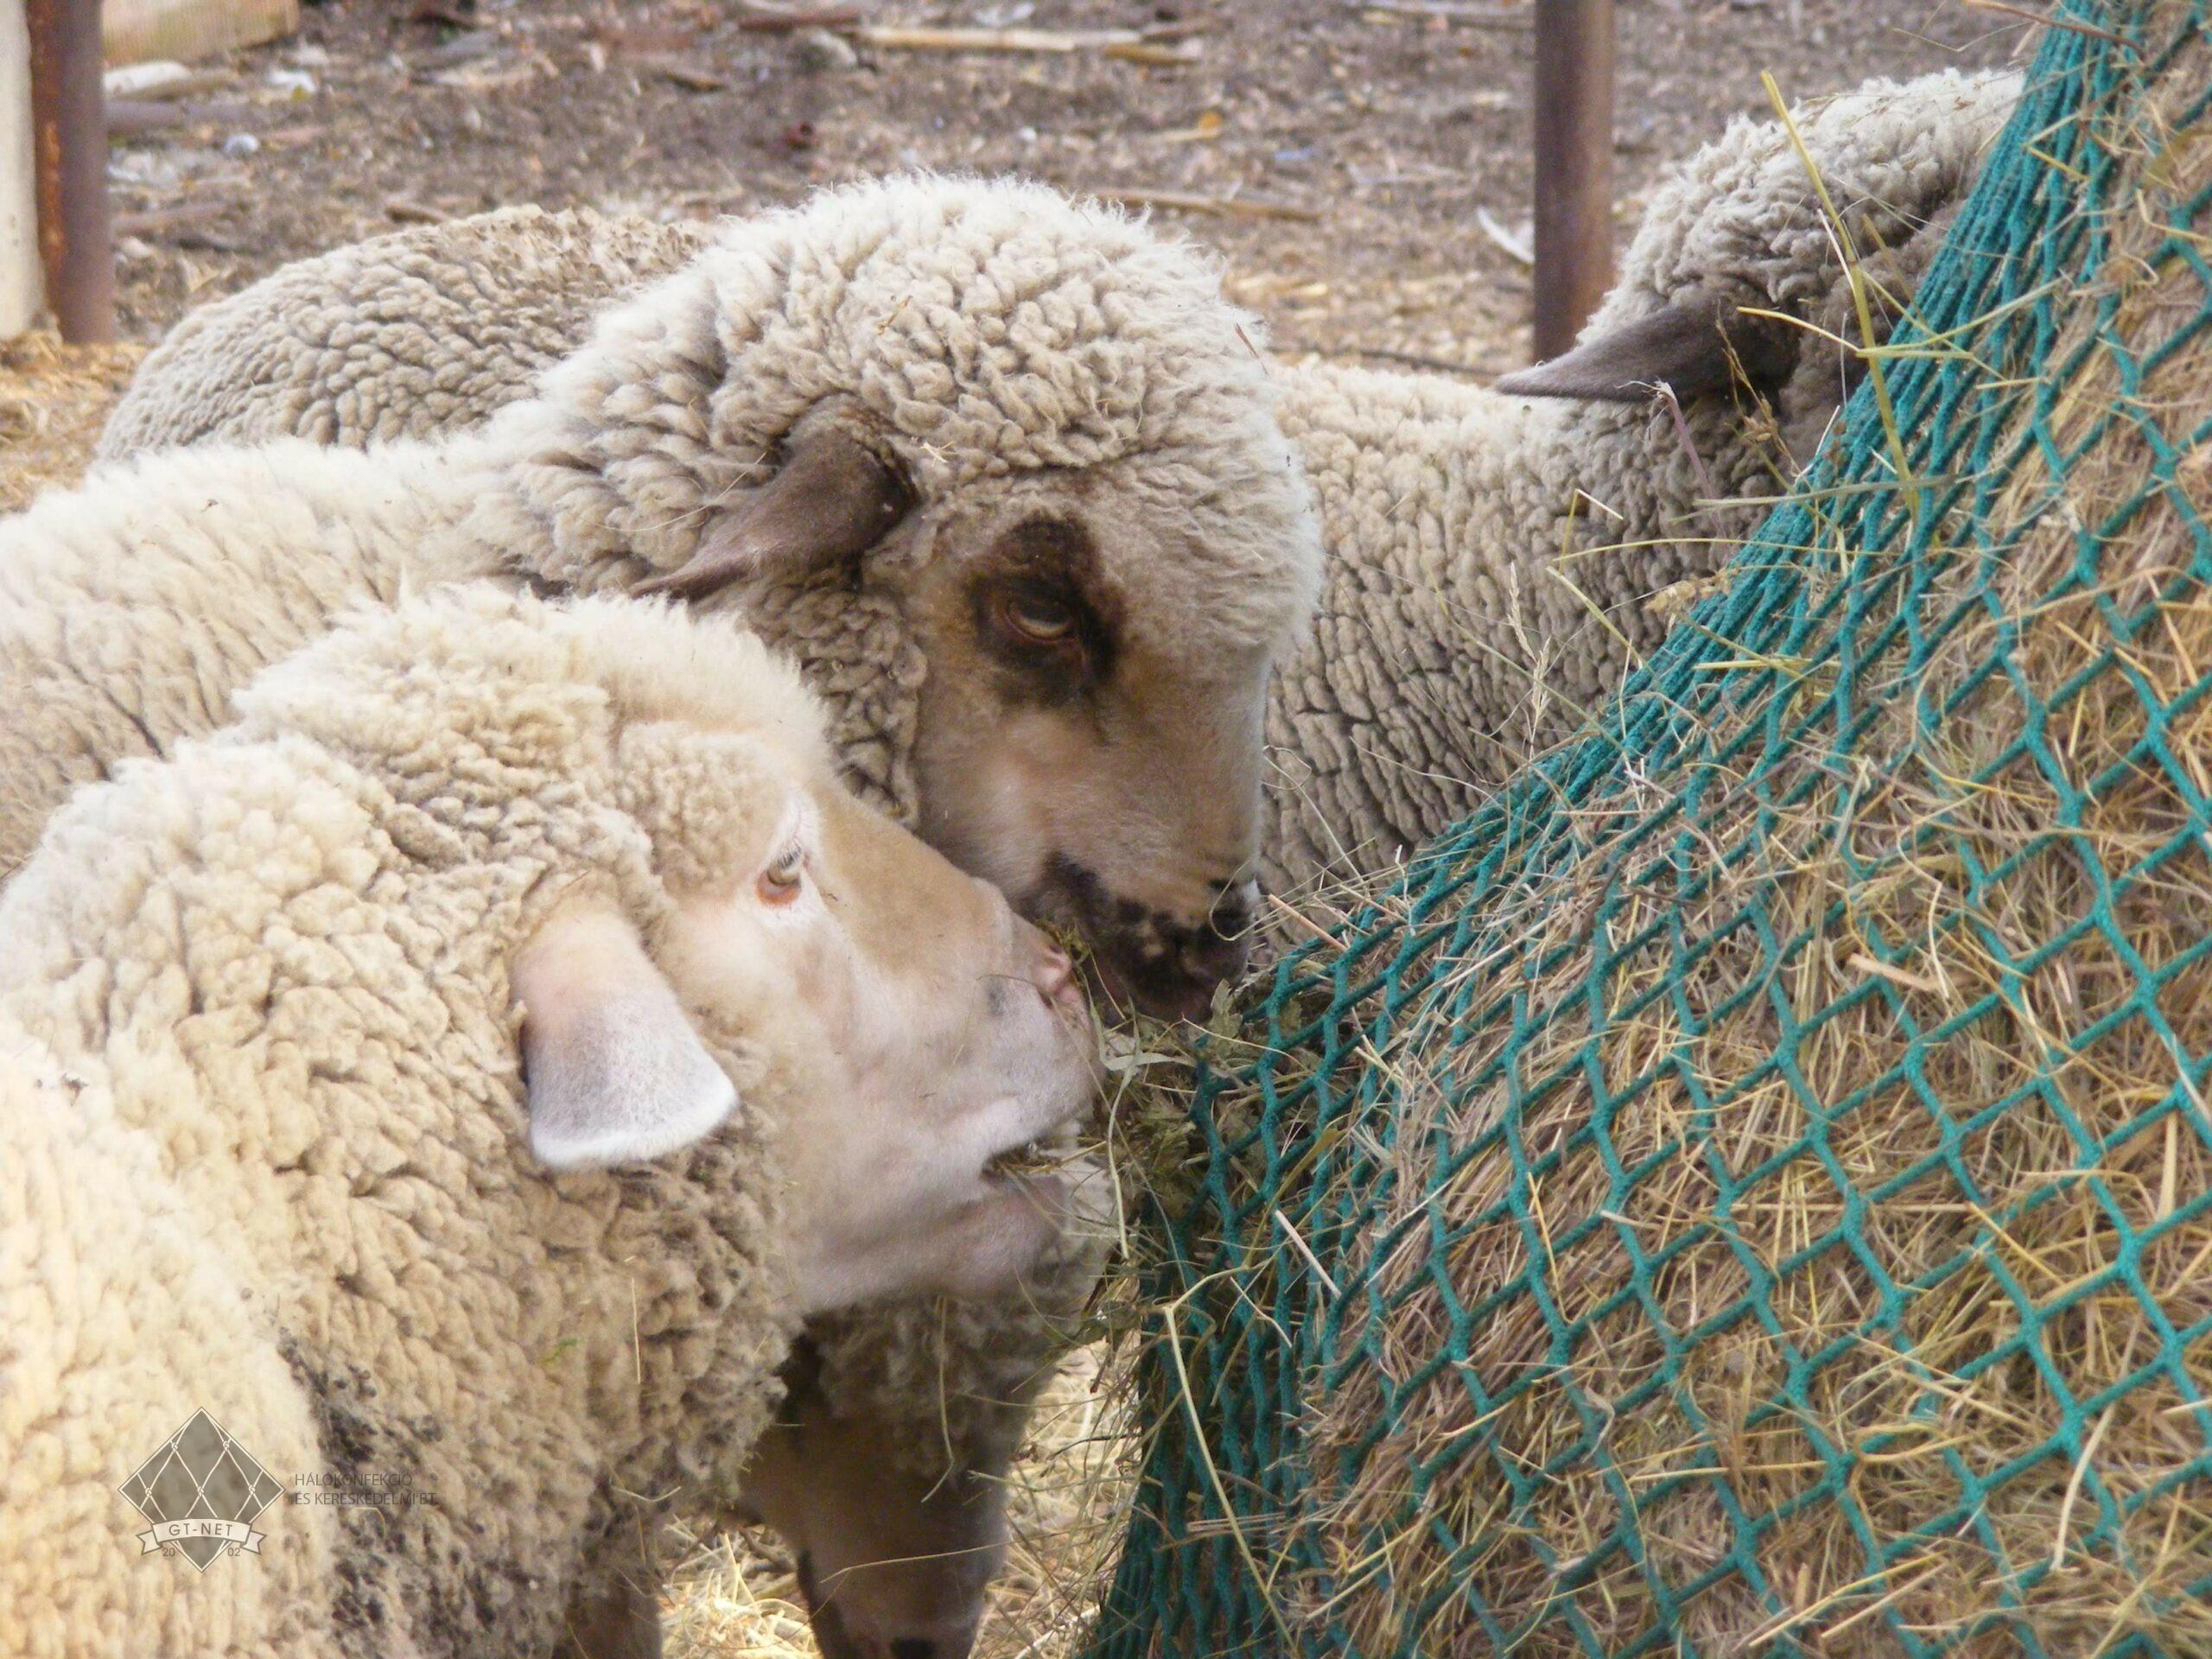 078 Szénaháló körbálára - juhok takarmányozására